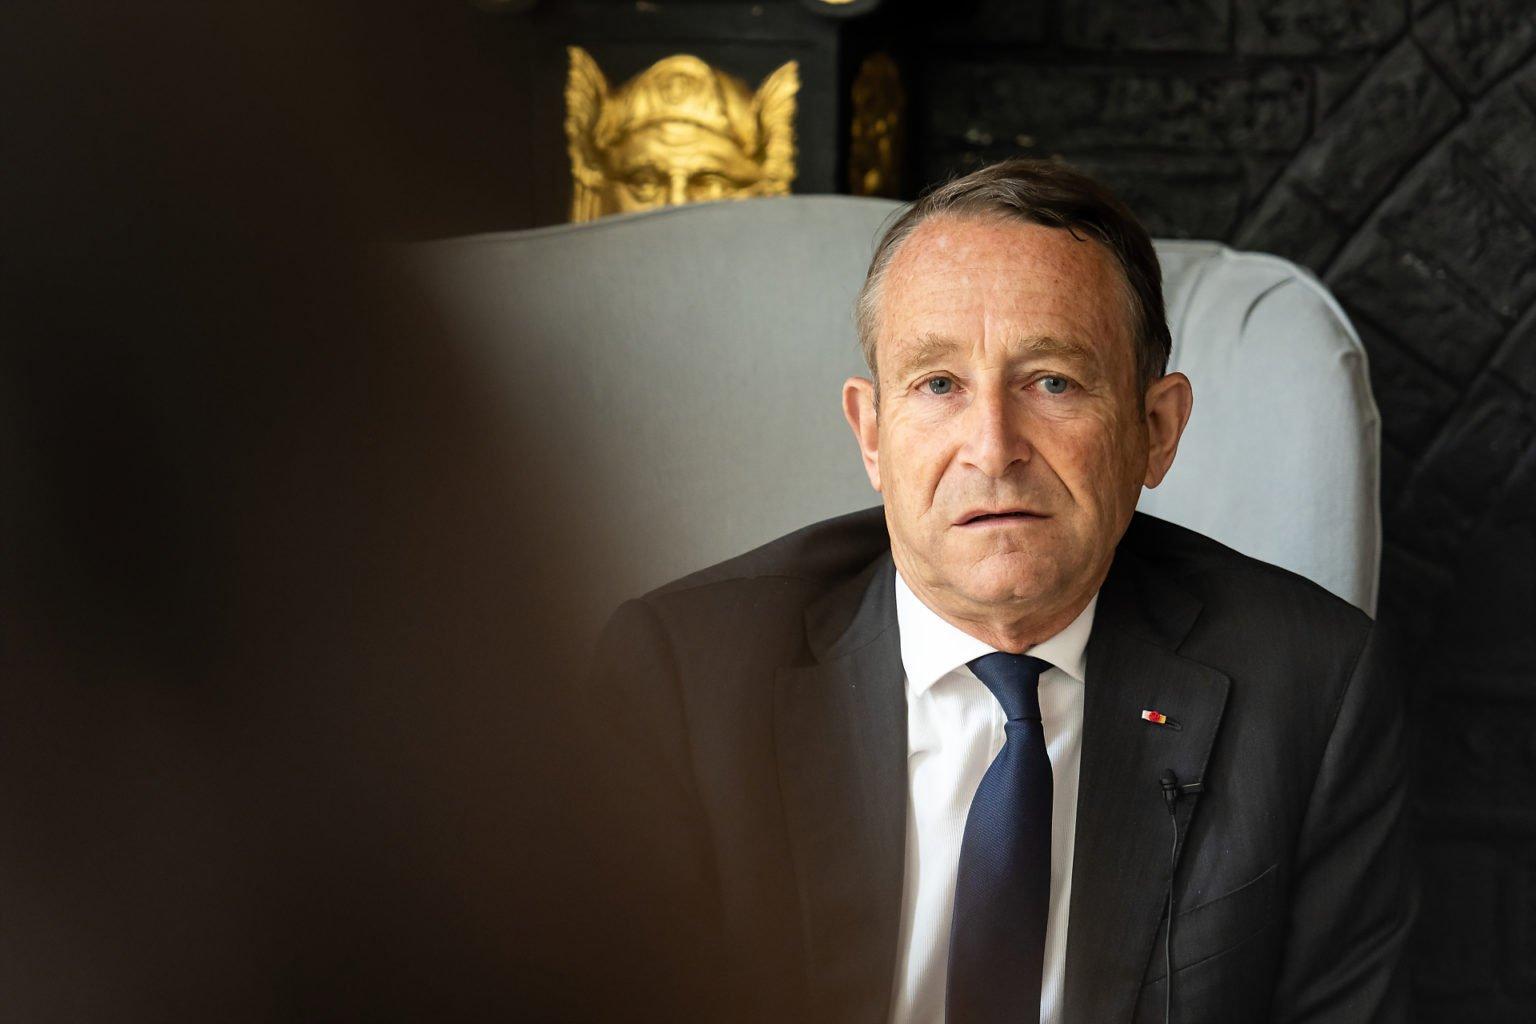 Portrait de Pierre de Villiers, Matinée conférence avec Pierre de Villiers, organisée par BSPK au Faubourg Saint-Martin, 21-06-2019, par Aurore Delsoir Photographe d'entreprise